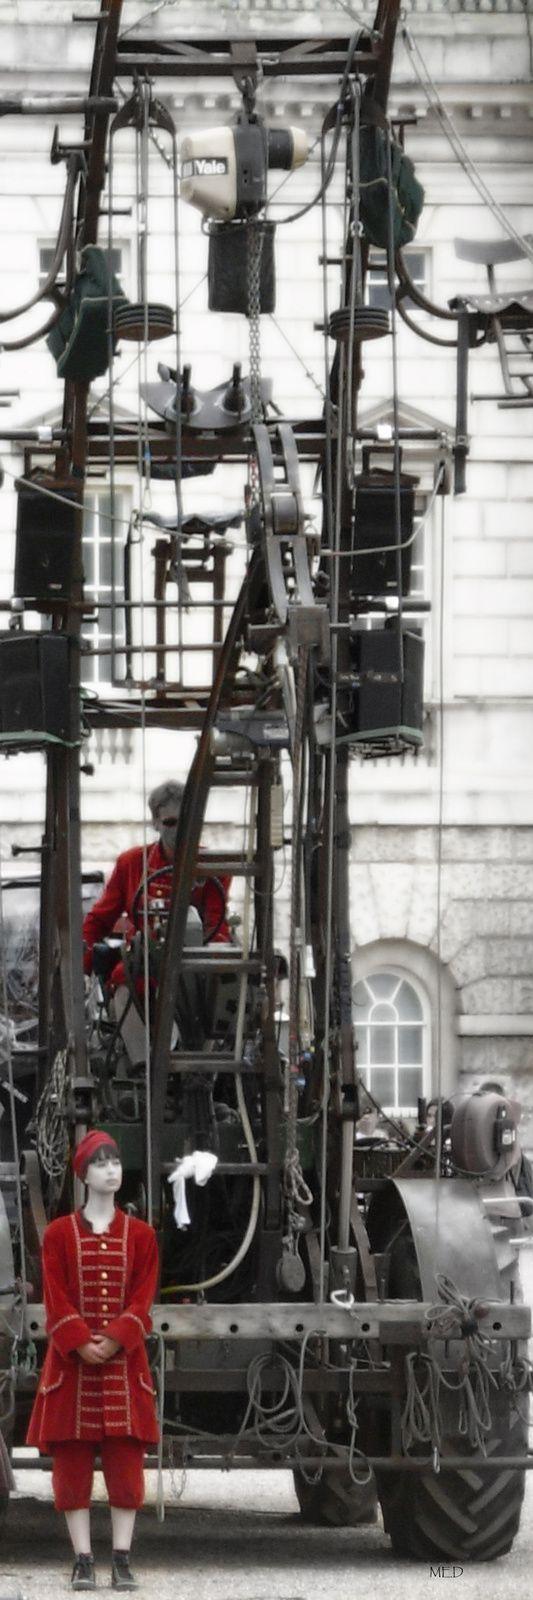 ROYAL DE LUXE LES PIONNIERS MA PREMIERE EXPOSITION EN 2006